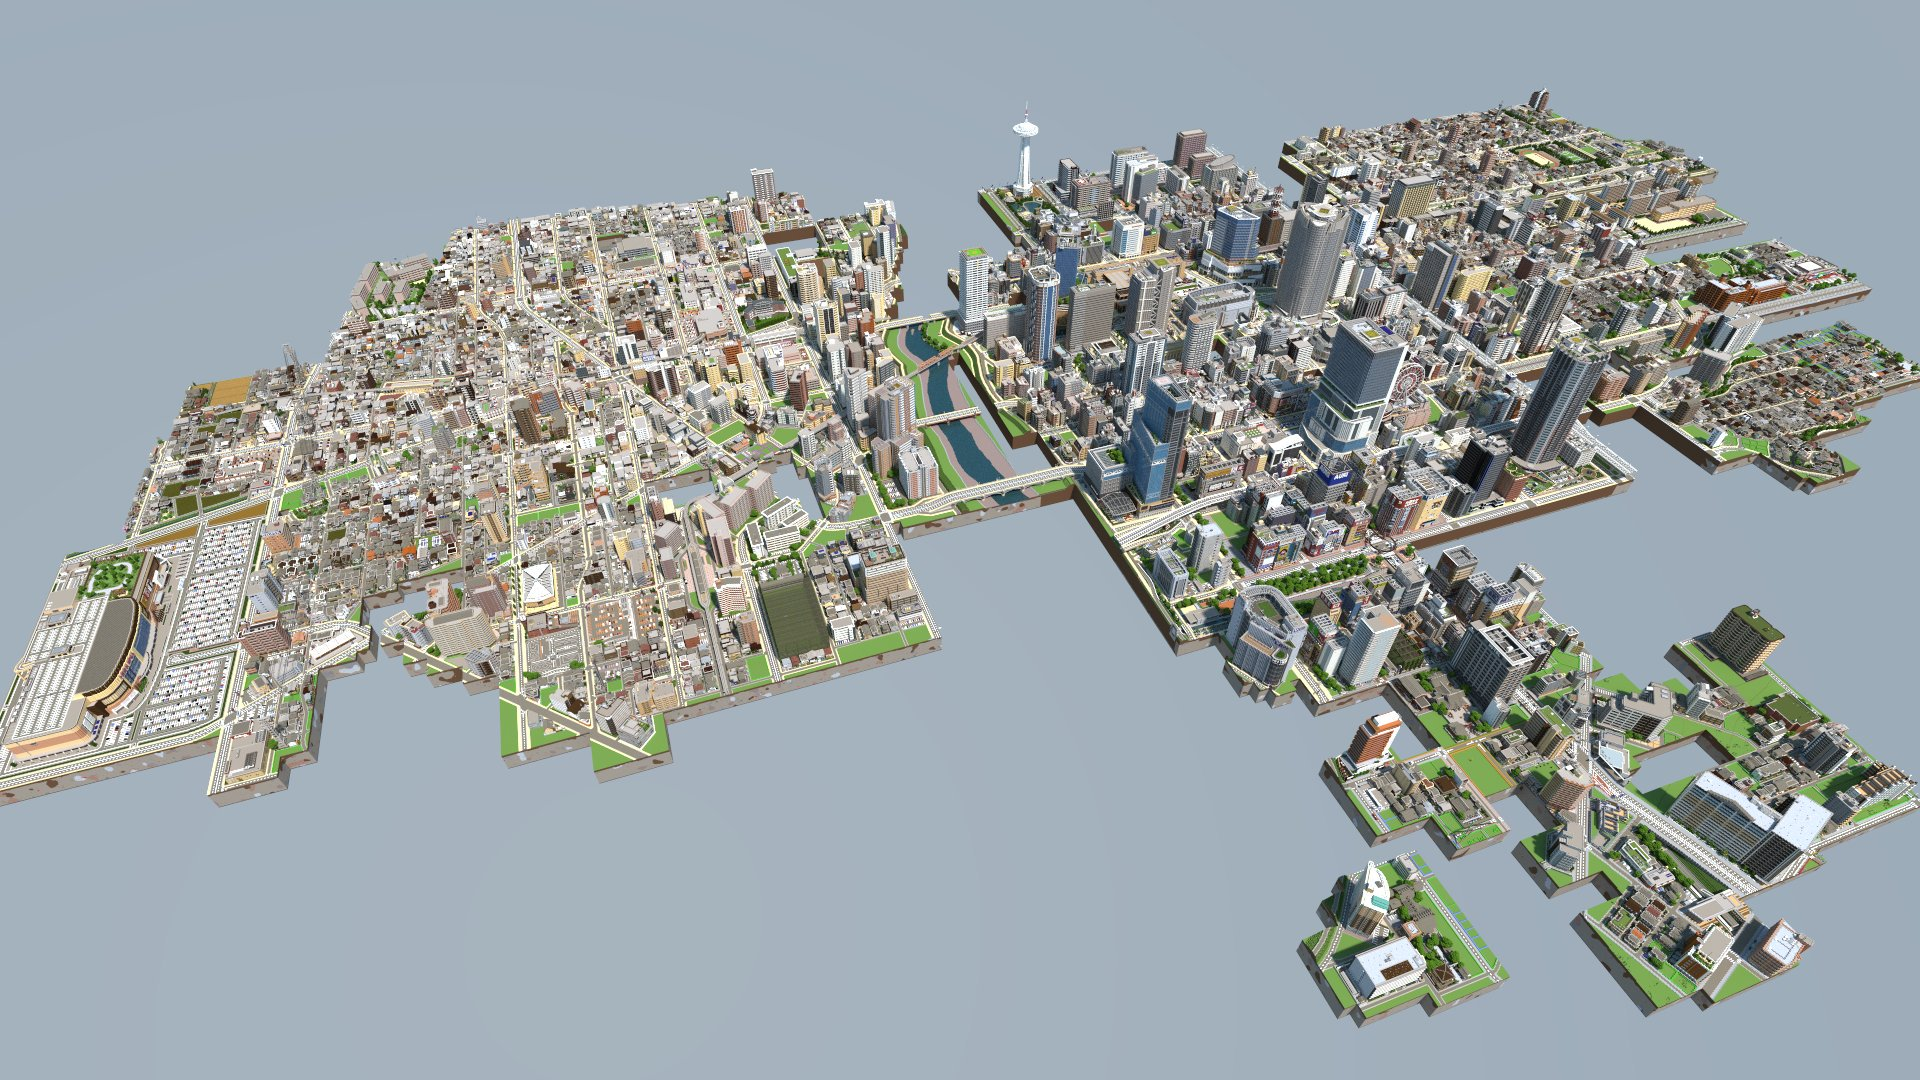 conoce-la-mas-espectacular-ciudad-construida-en-minecraft-frikigamers.com